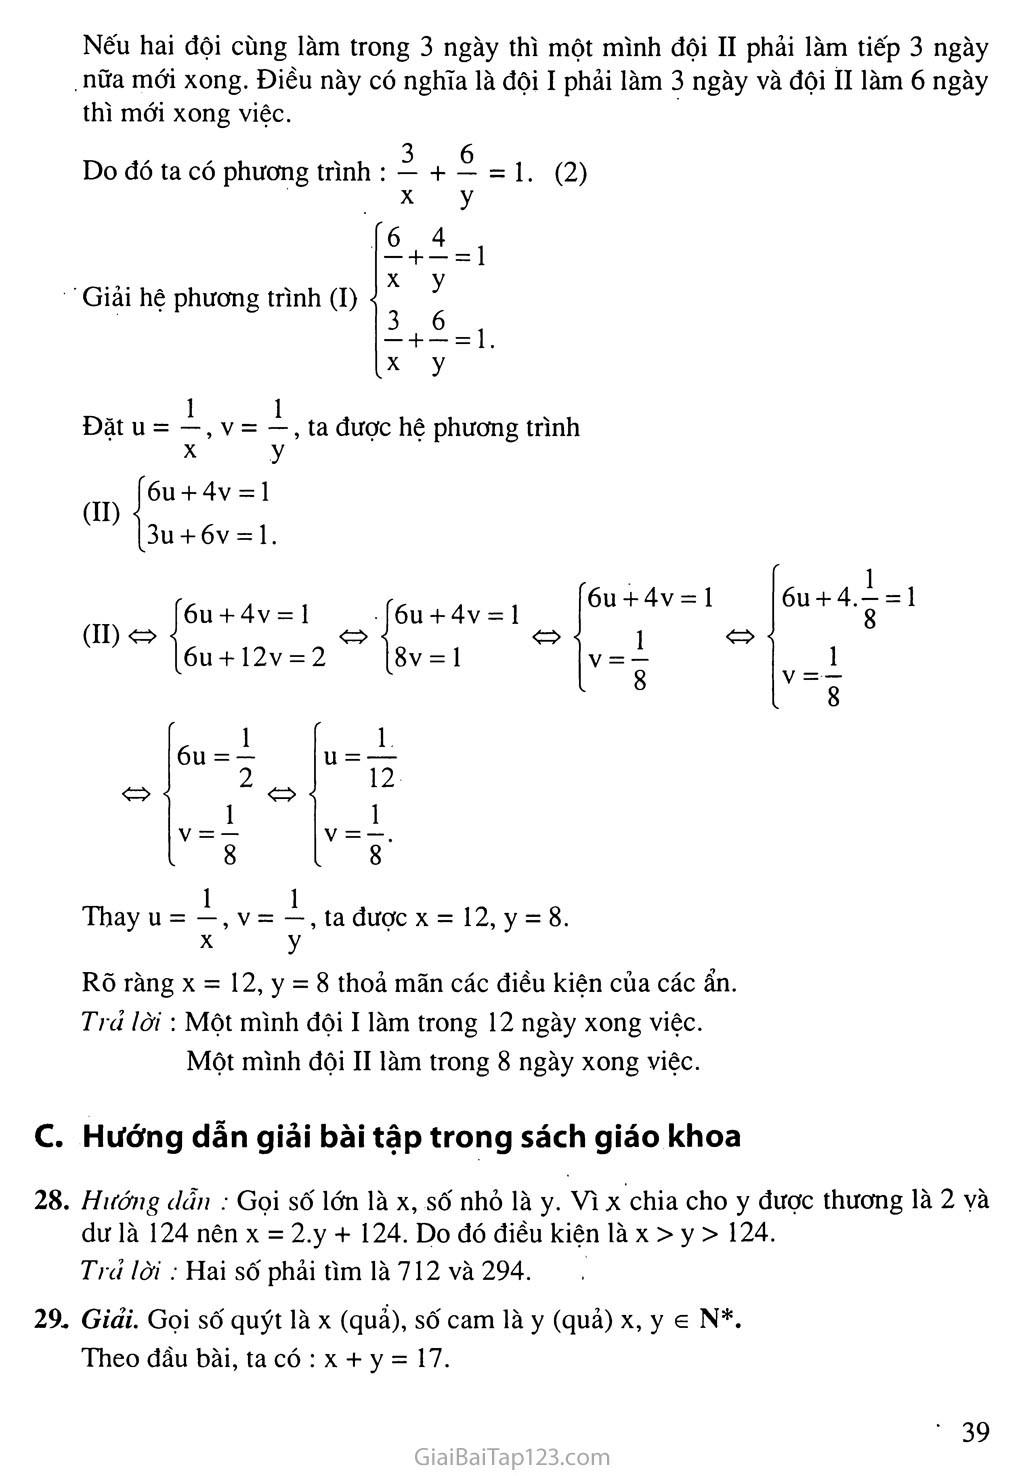 Bài 5. Giải bài toán bằng cách lập hệ phương trình trang 4